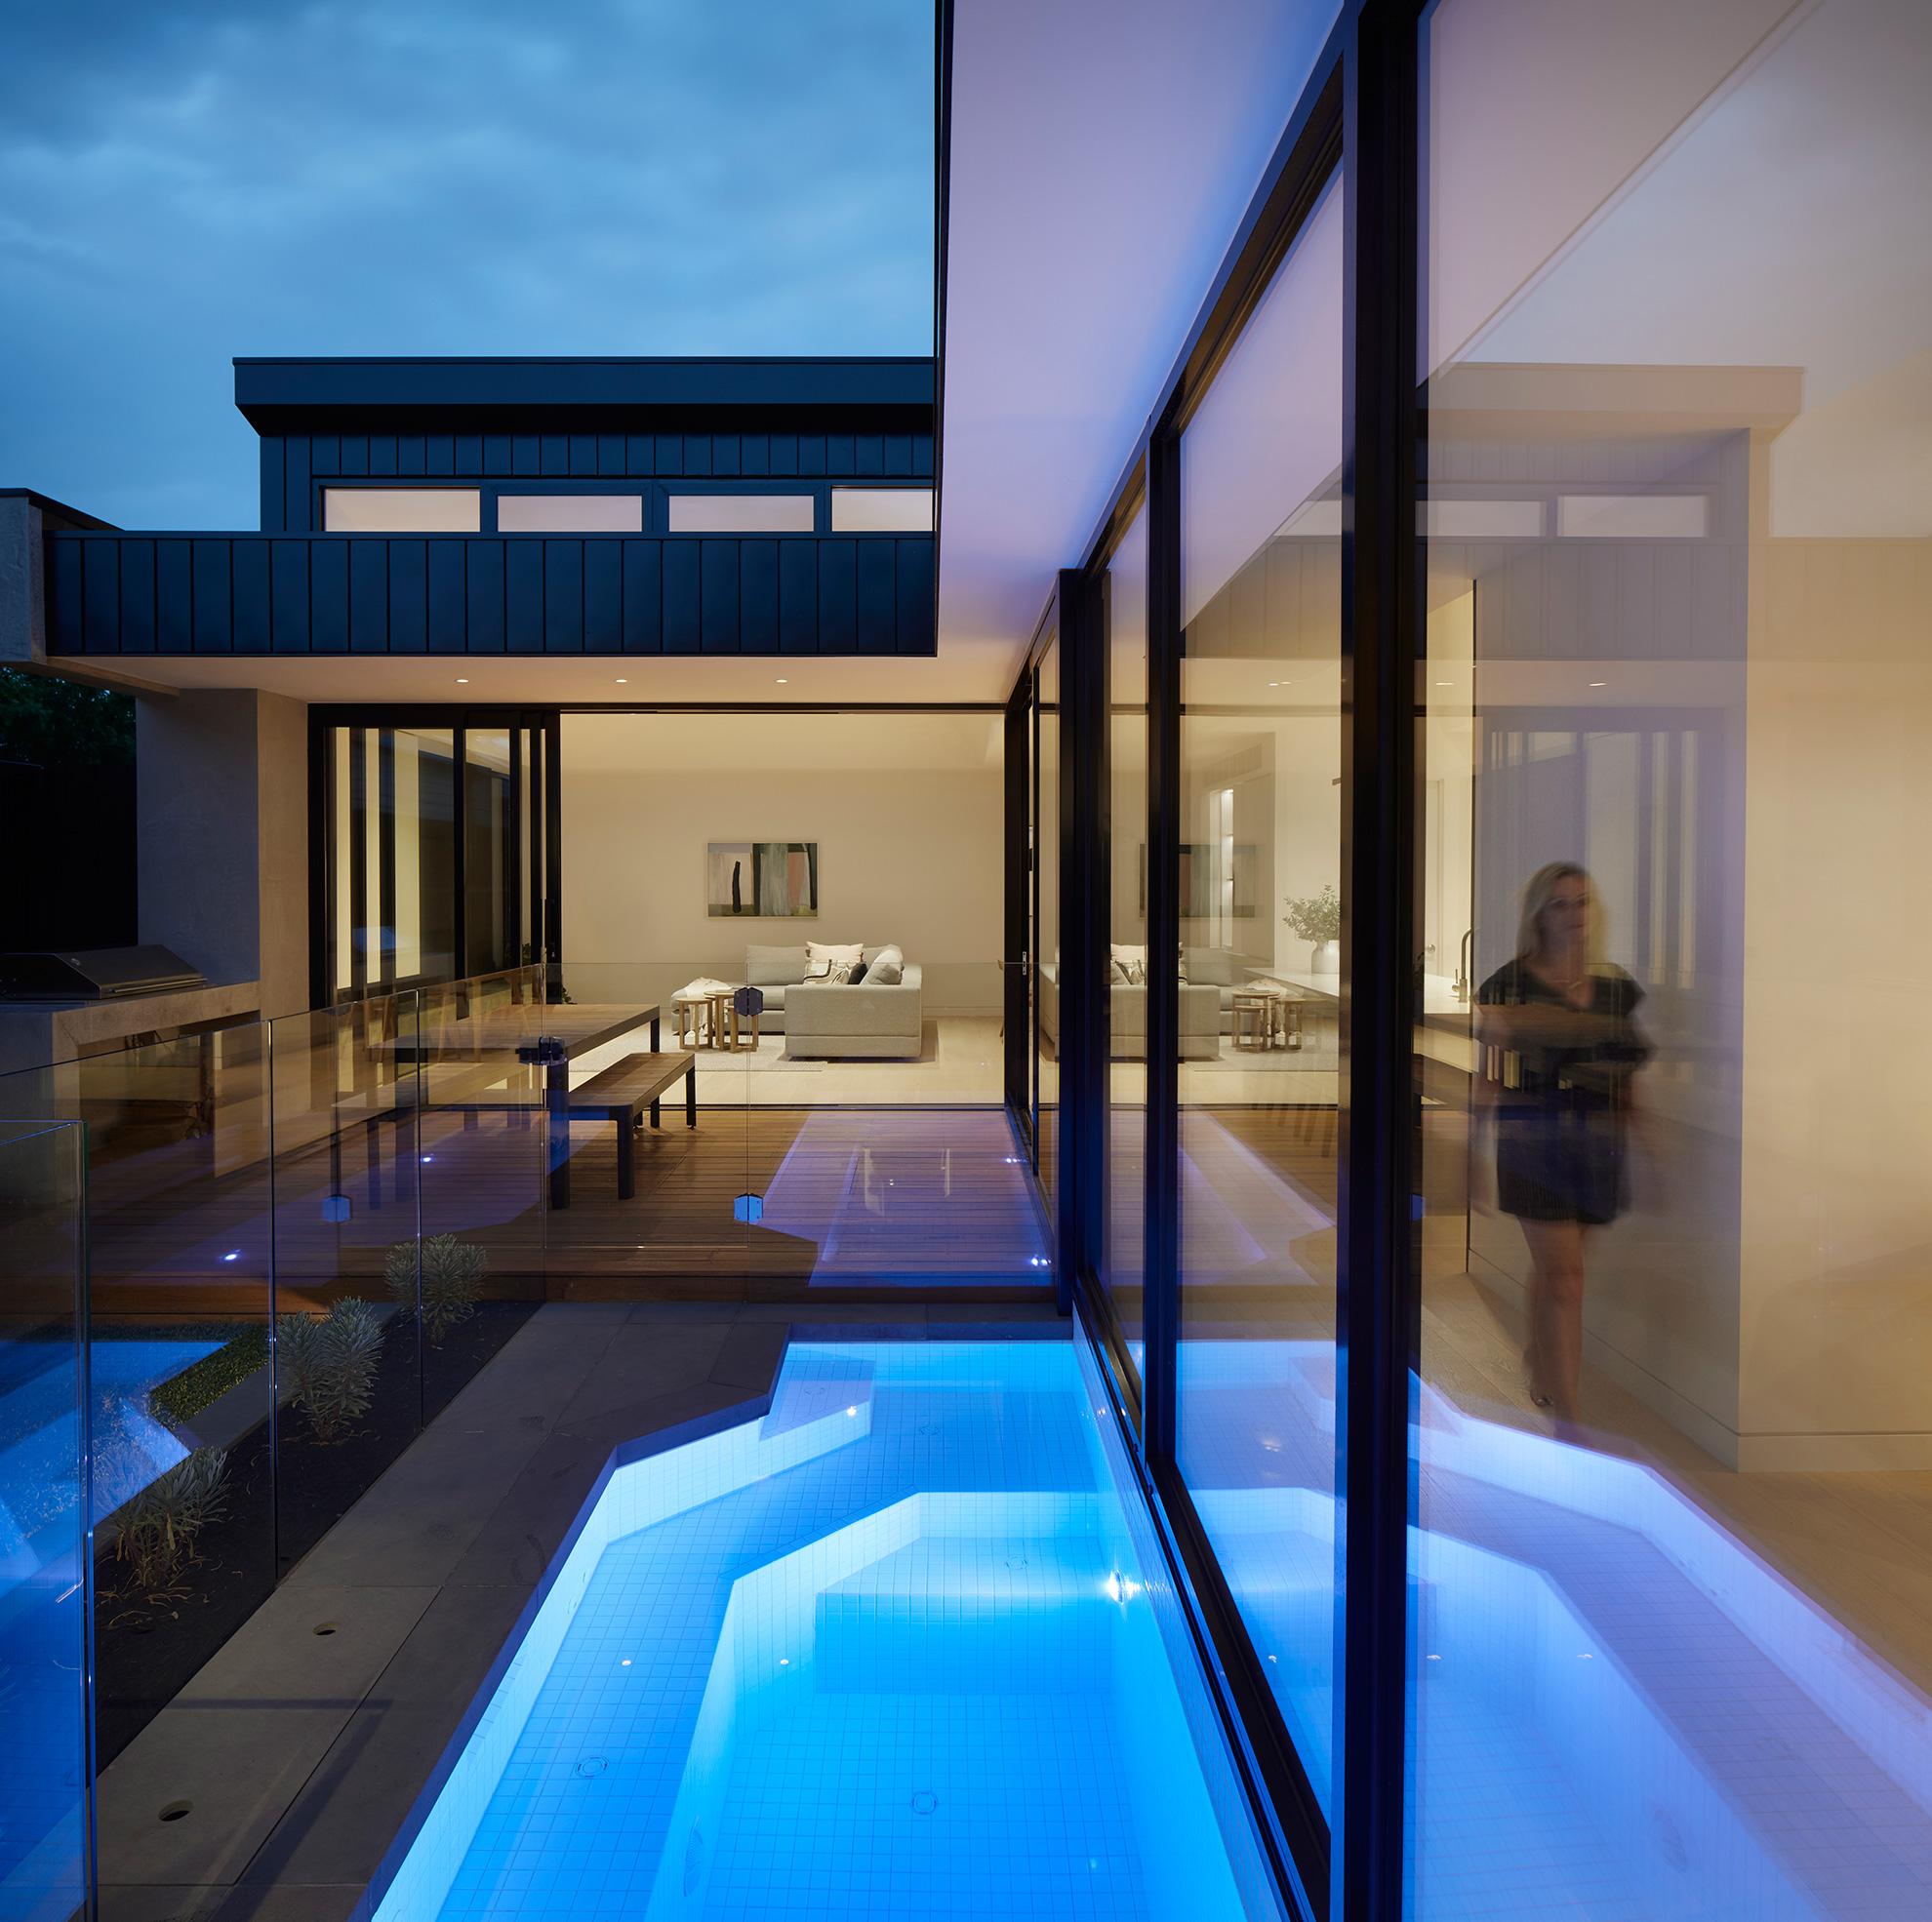 u-house-thornbury-night-pool-courtyard-ckarch-low-res